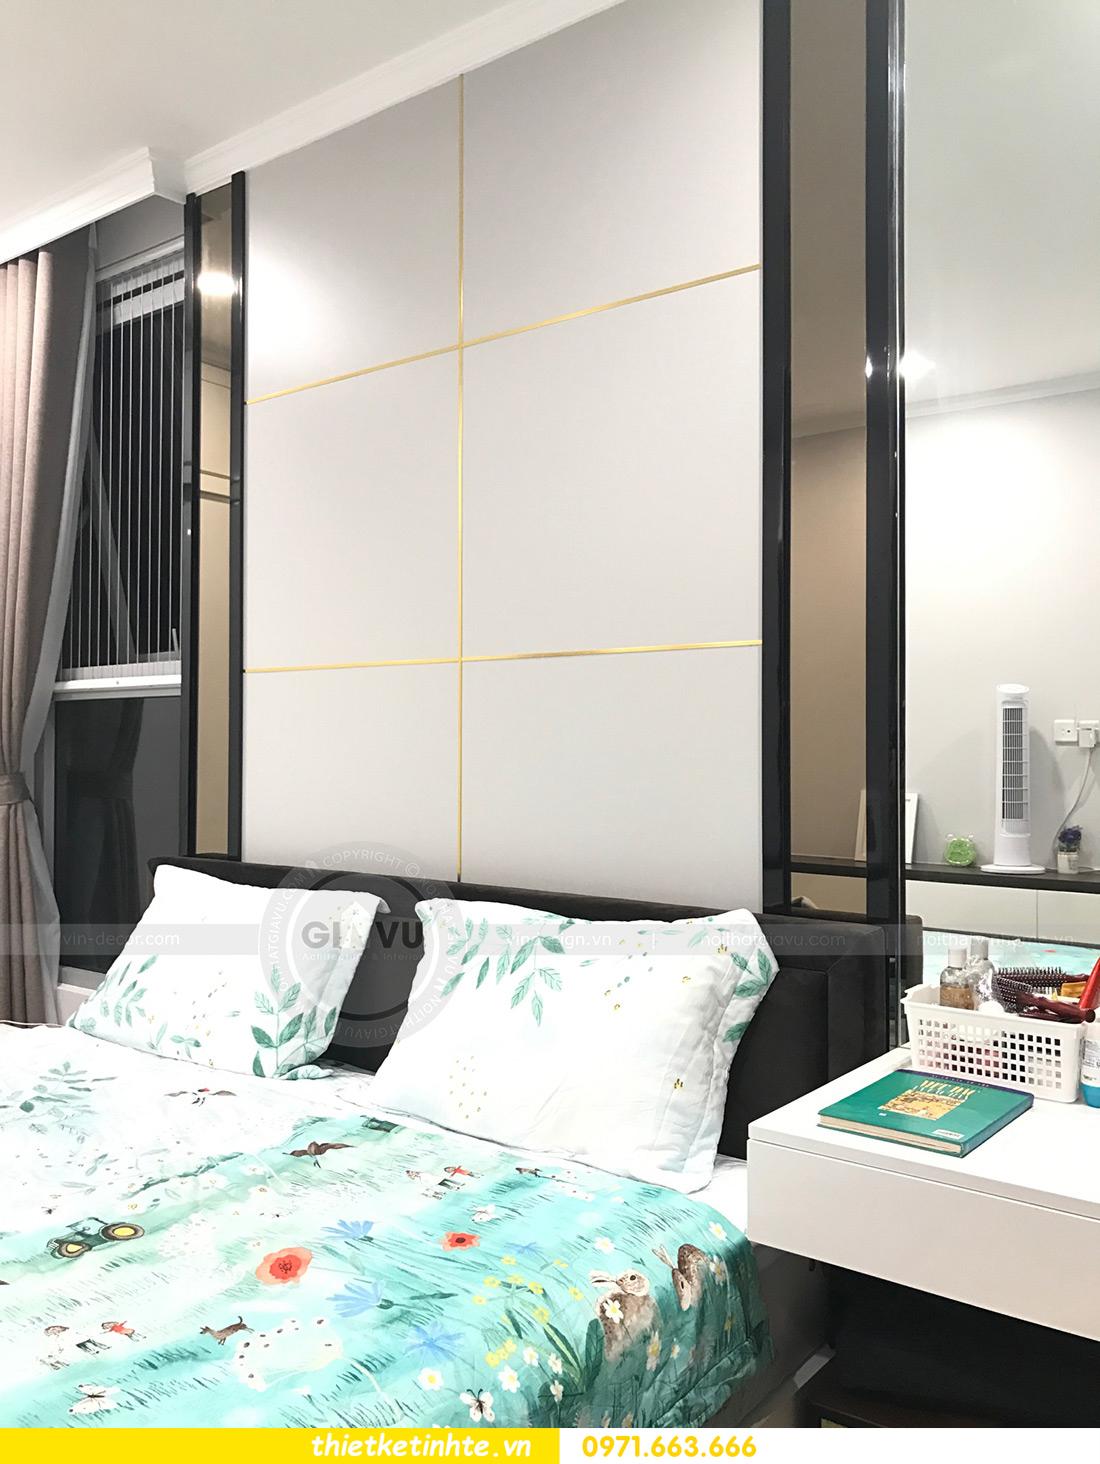 thi công hoàn thiện nội thất chung cư Gardenia chỉ với 200 triệu 07